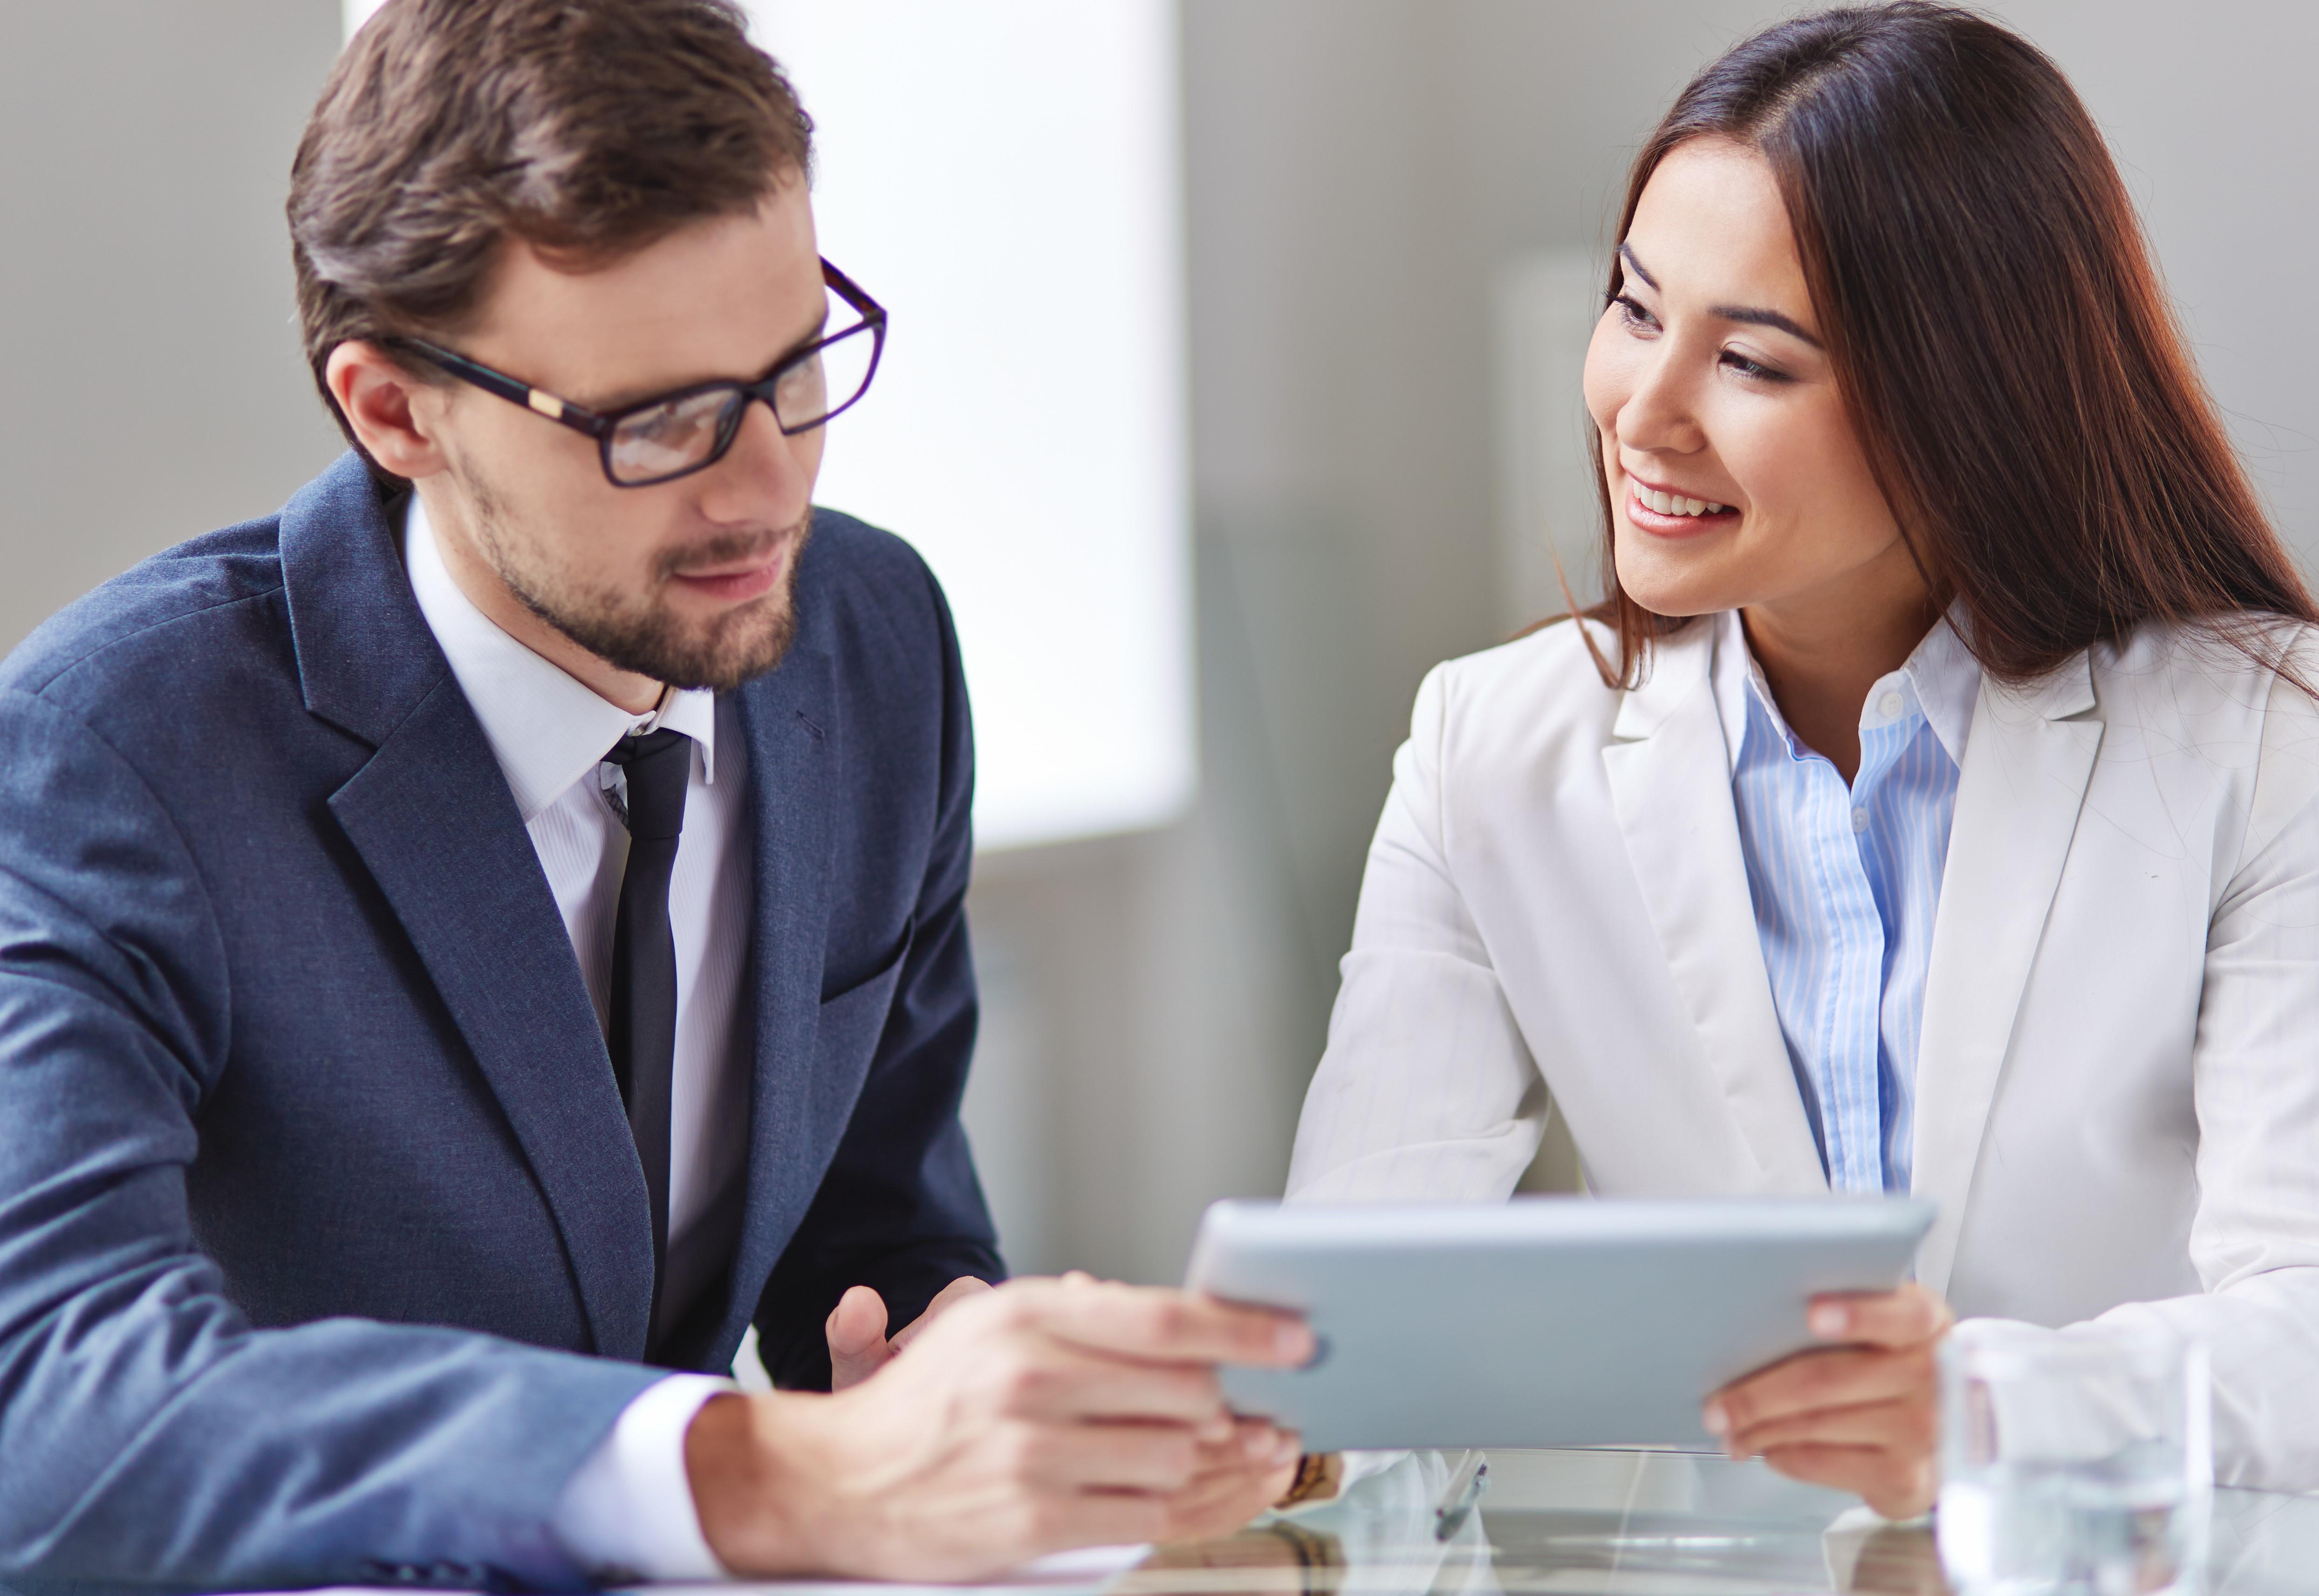 Um homem e uma mulher de negócios fazendo networking em um escritório